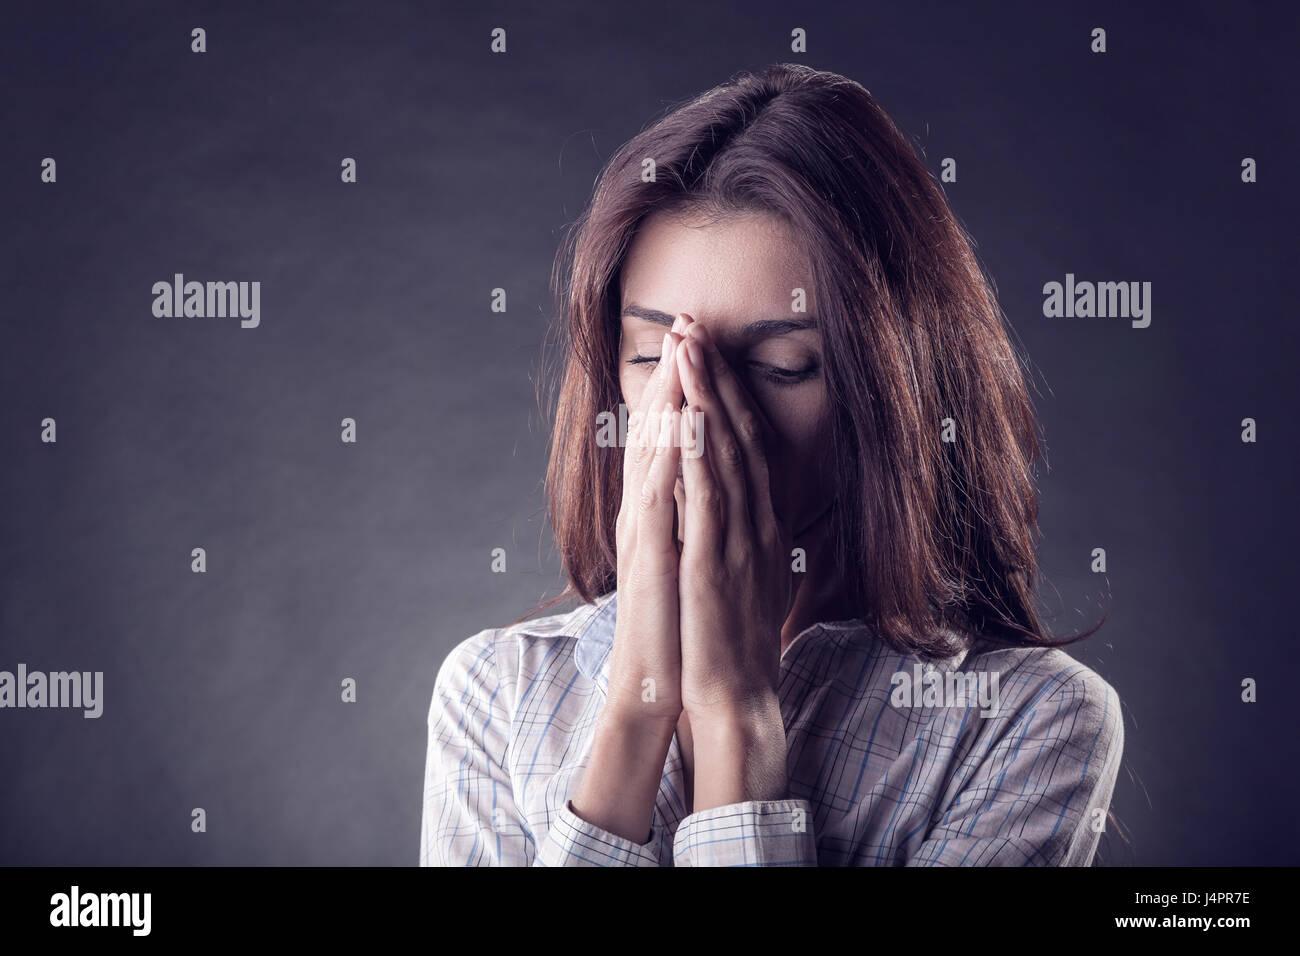 Mujer joven llorando enfrentan en sus manos sobre un fondo negro Imagen De Stock